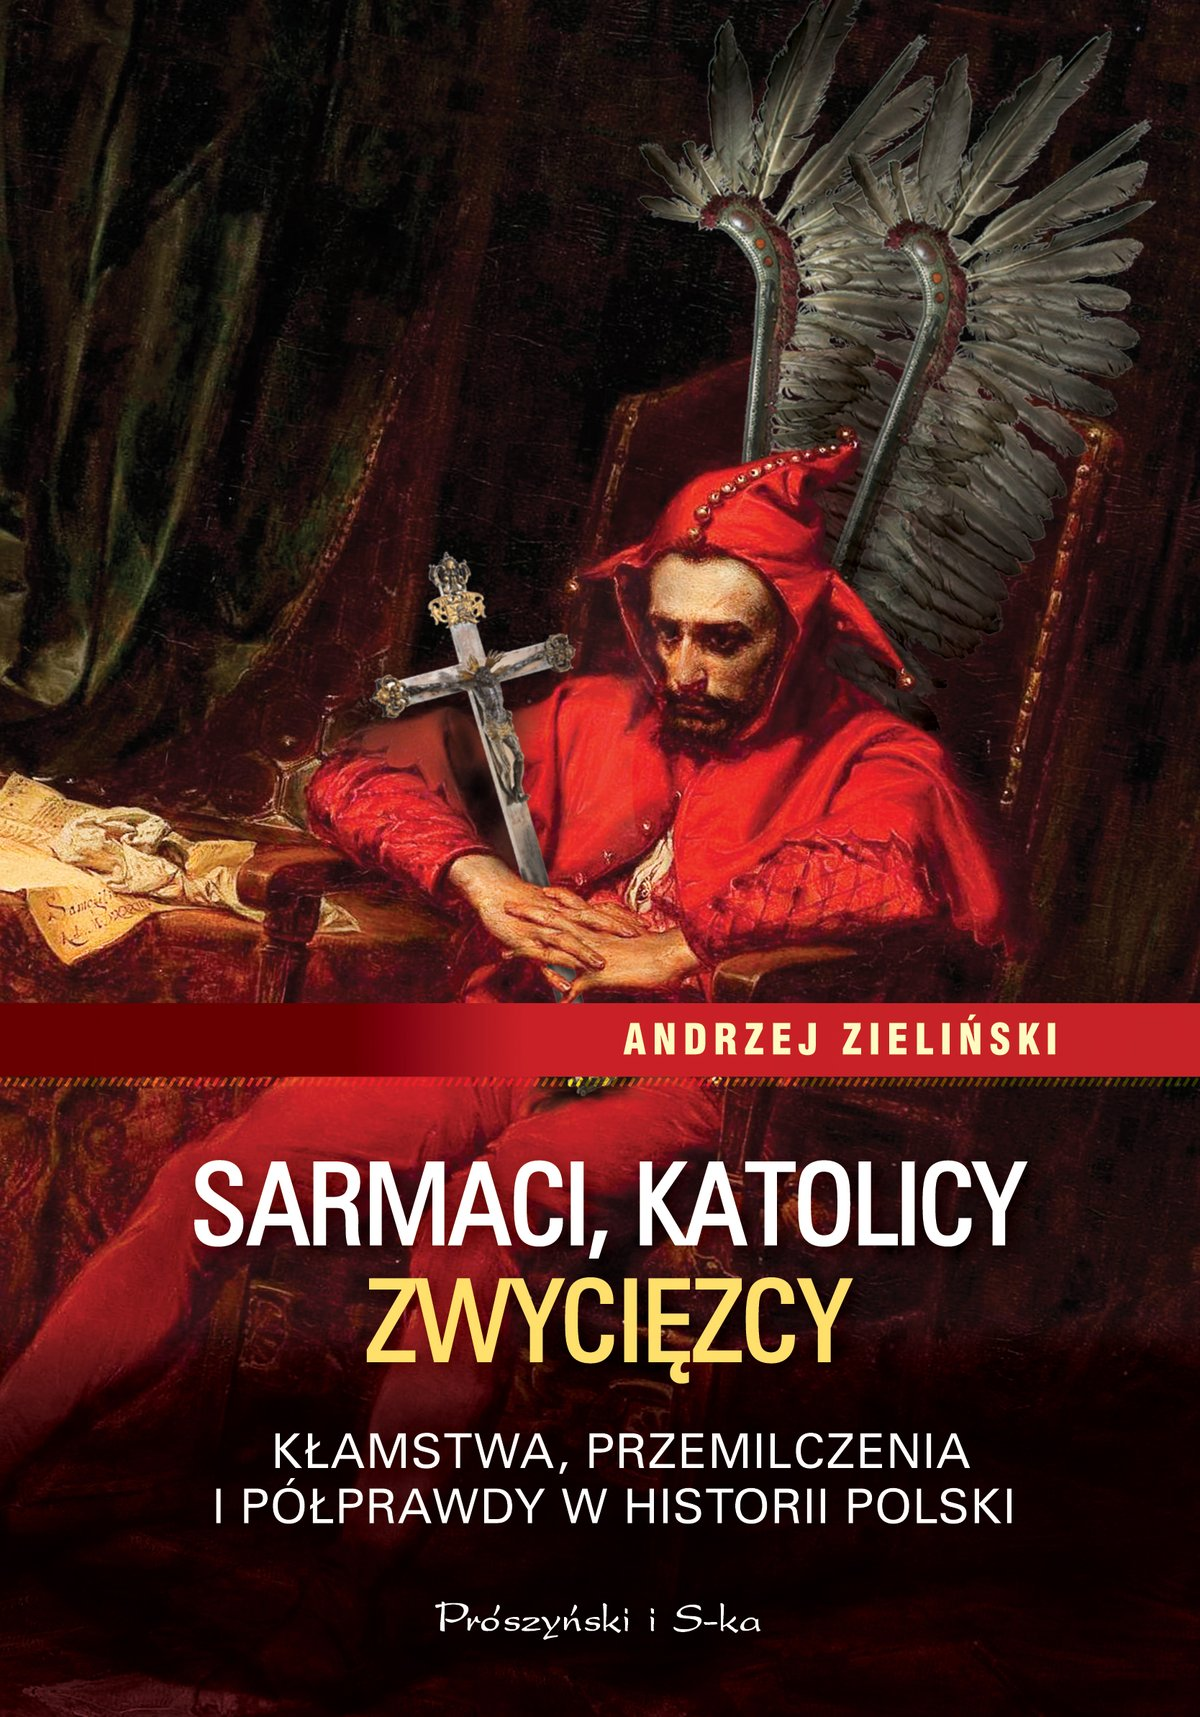 Sarmaci, katolicy, zwycięzcy. Kłamstwa, przemilczenia i półprawdy w historii Polski - Ebook (Książka na Kindle) do pobrania w formacie MOBI